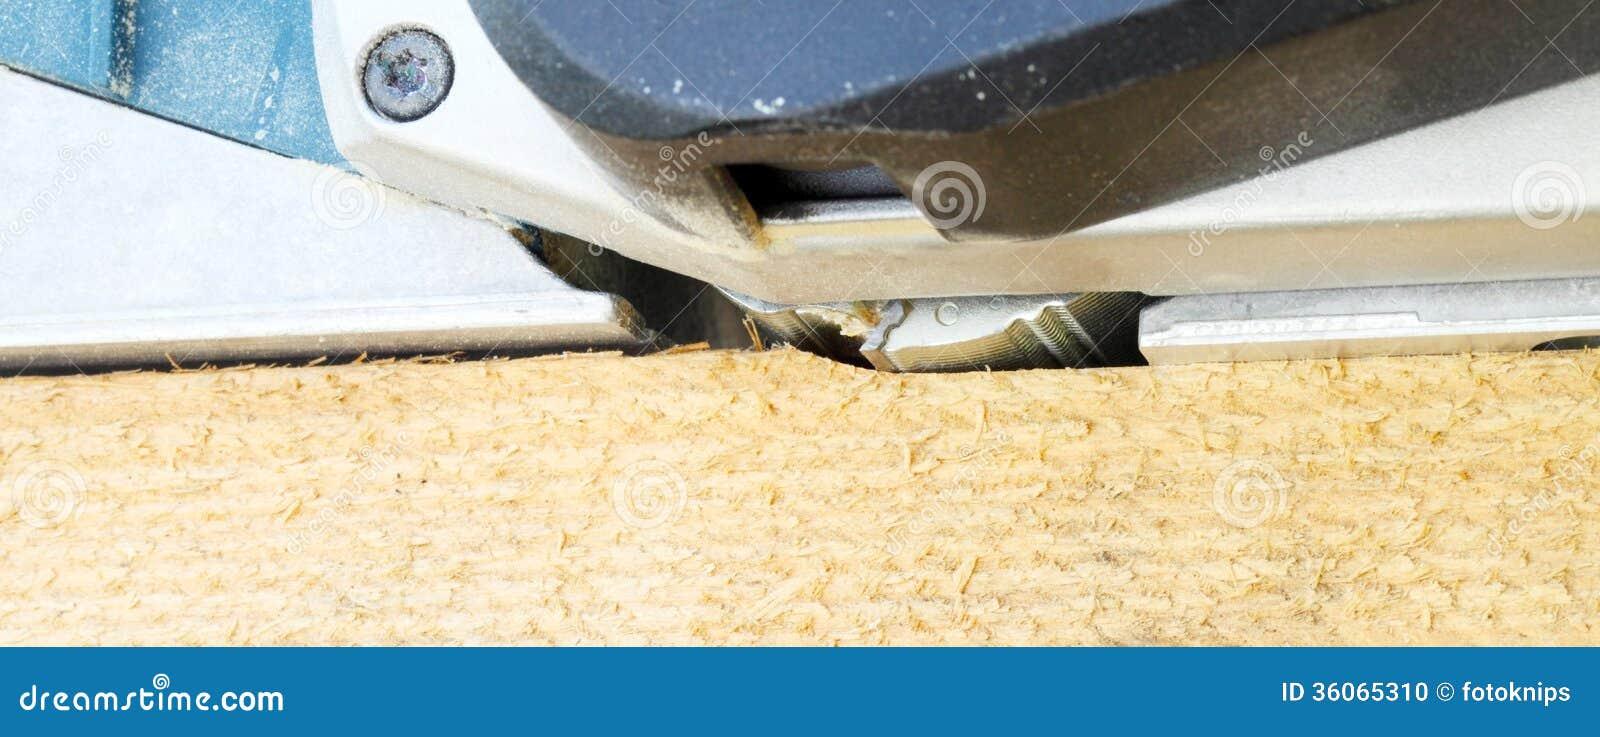 elektrisch-hobel stockfoto. bild von glatt, planieren - 36065310